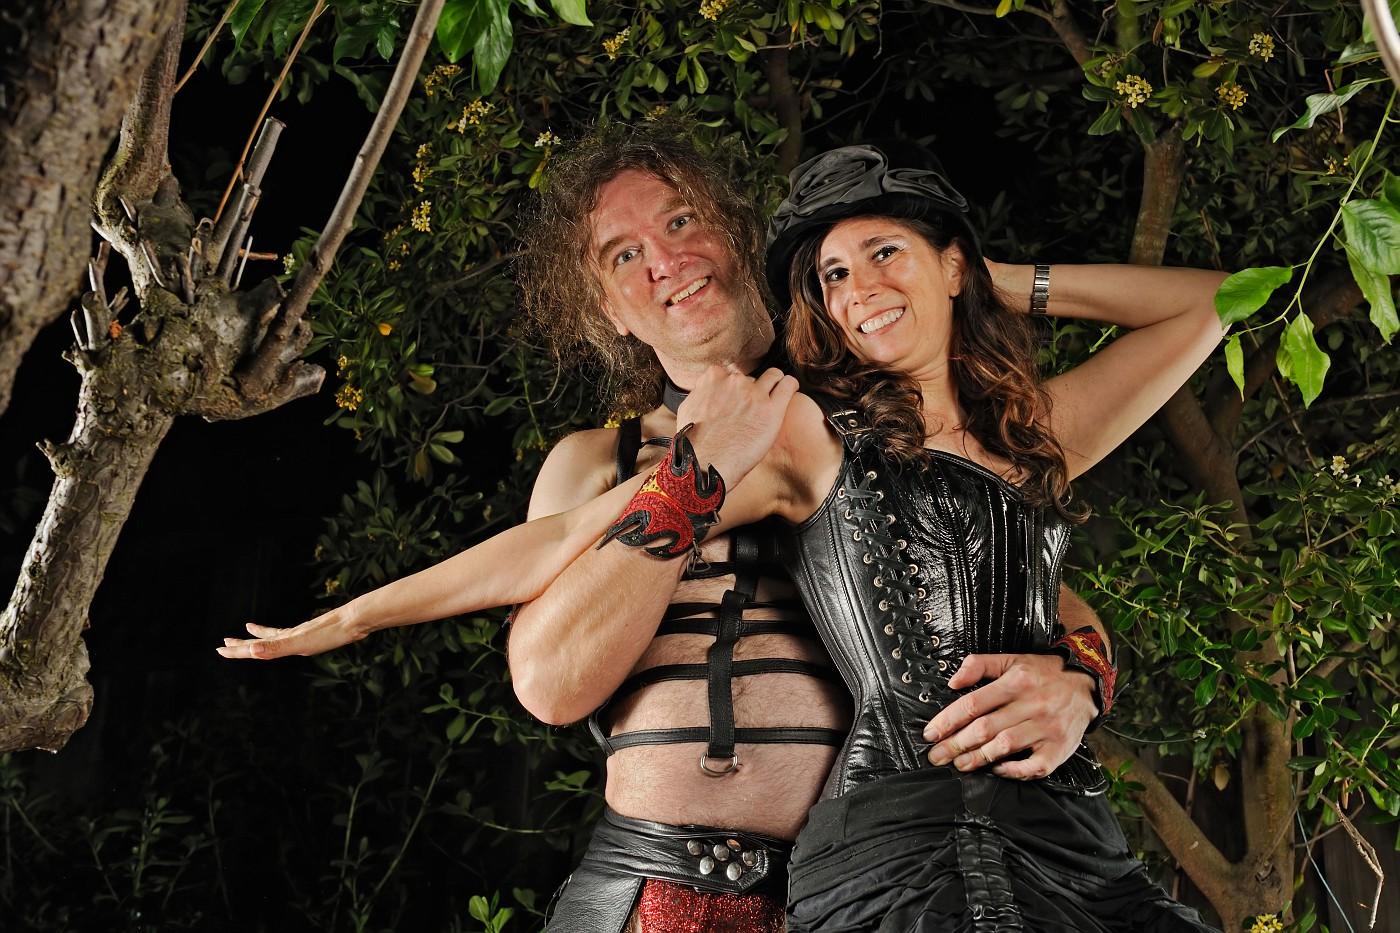 Melanie and Waldemar